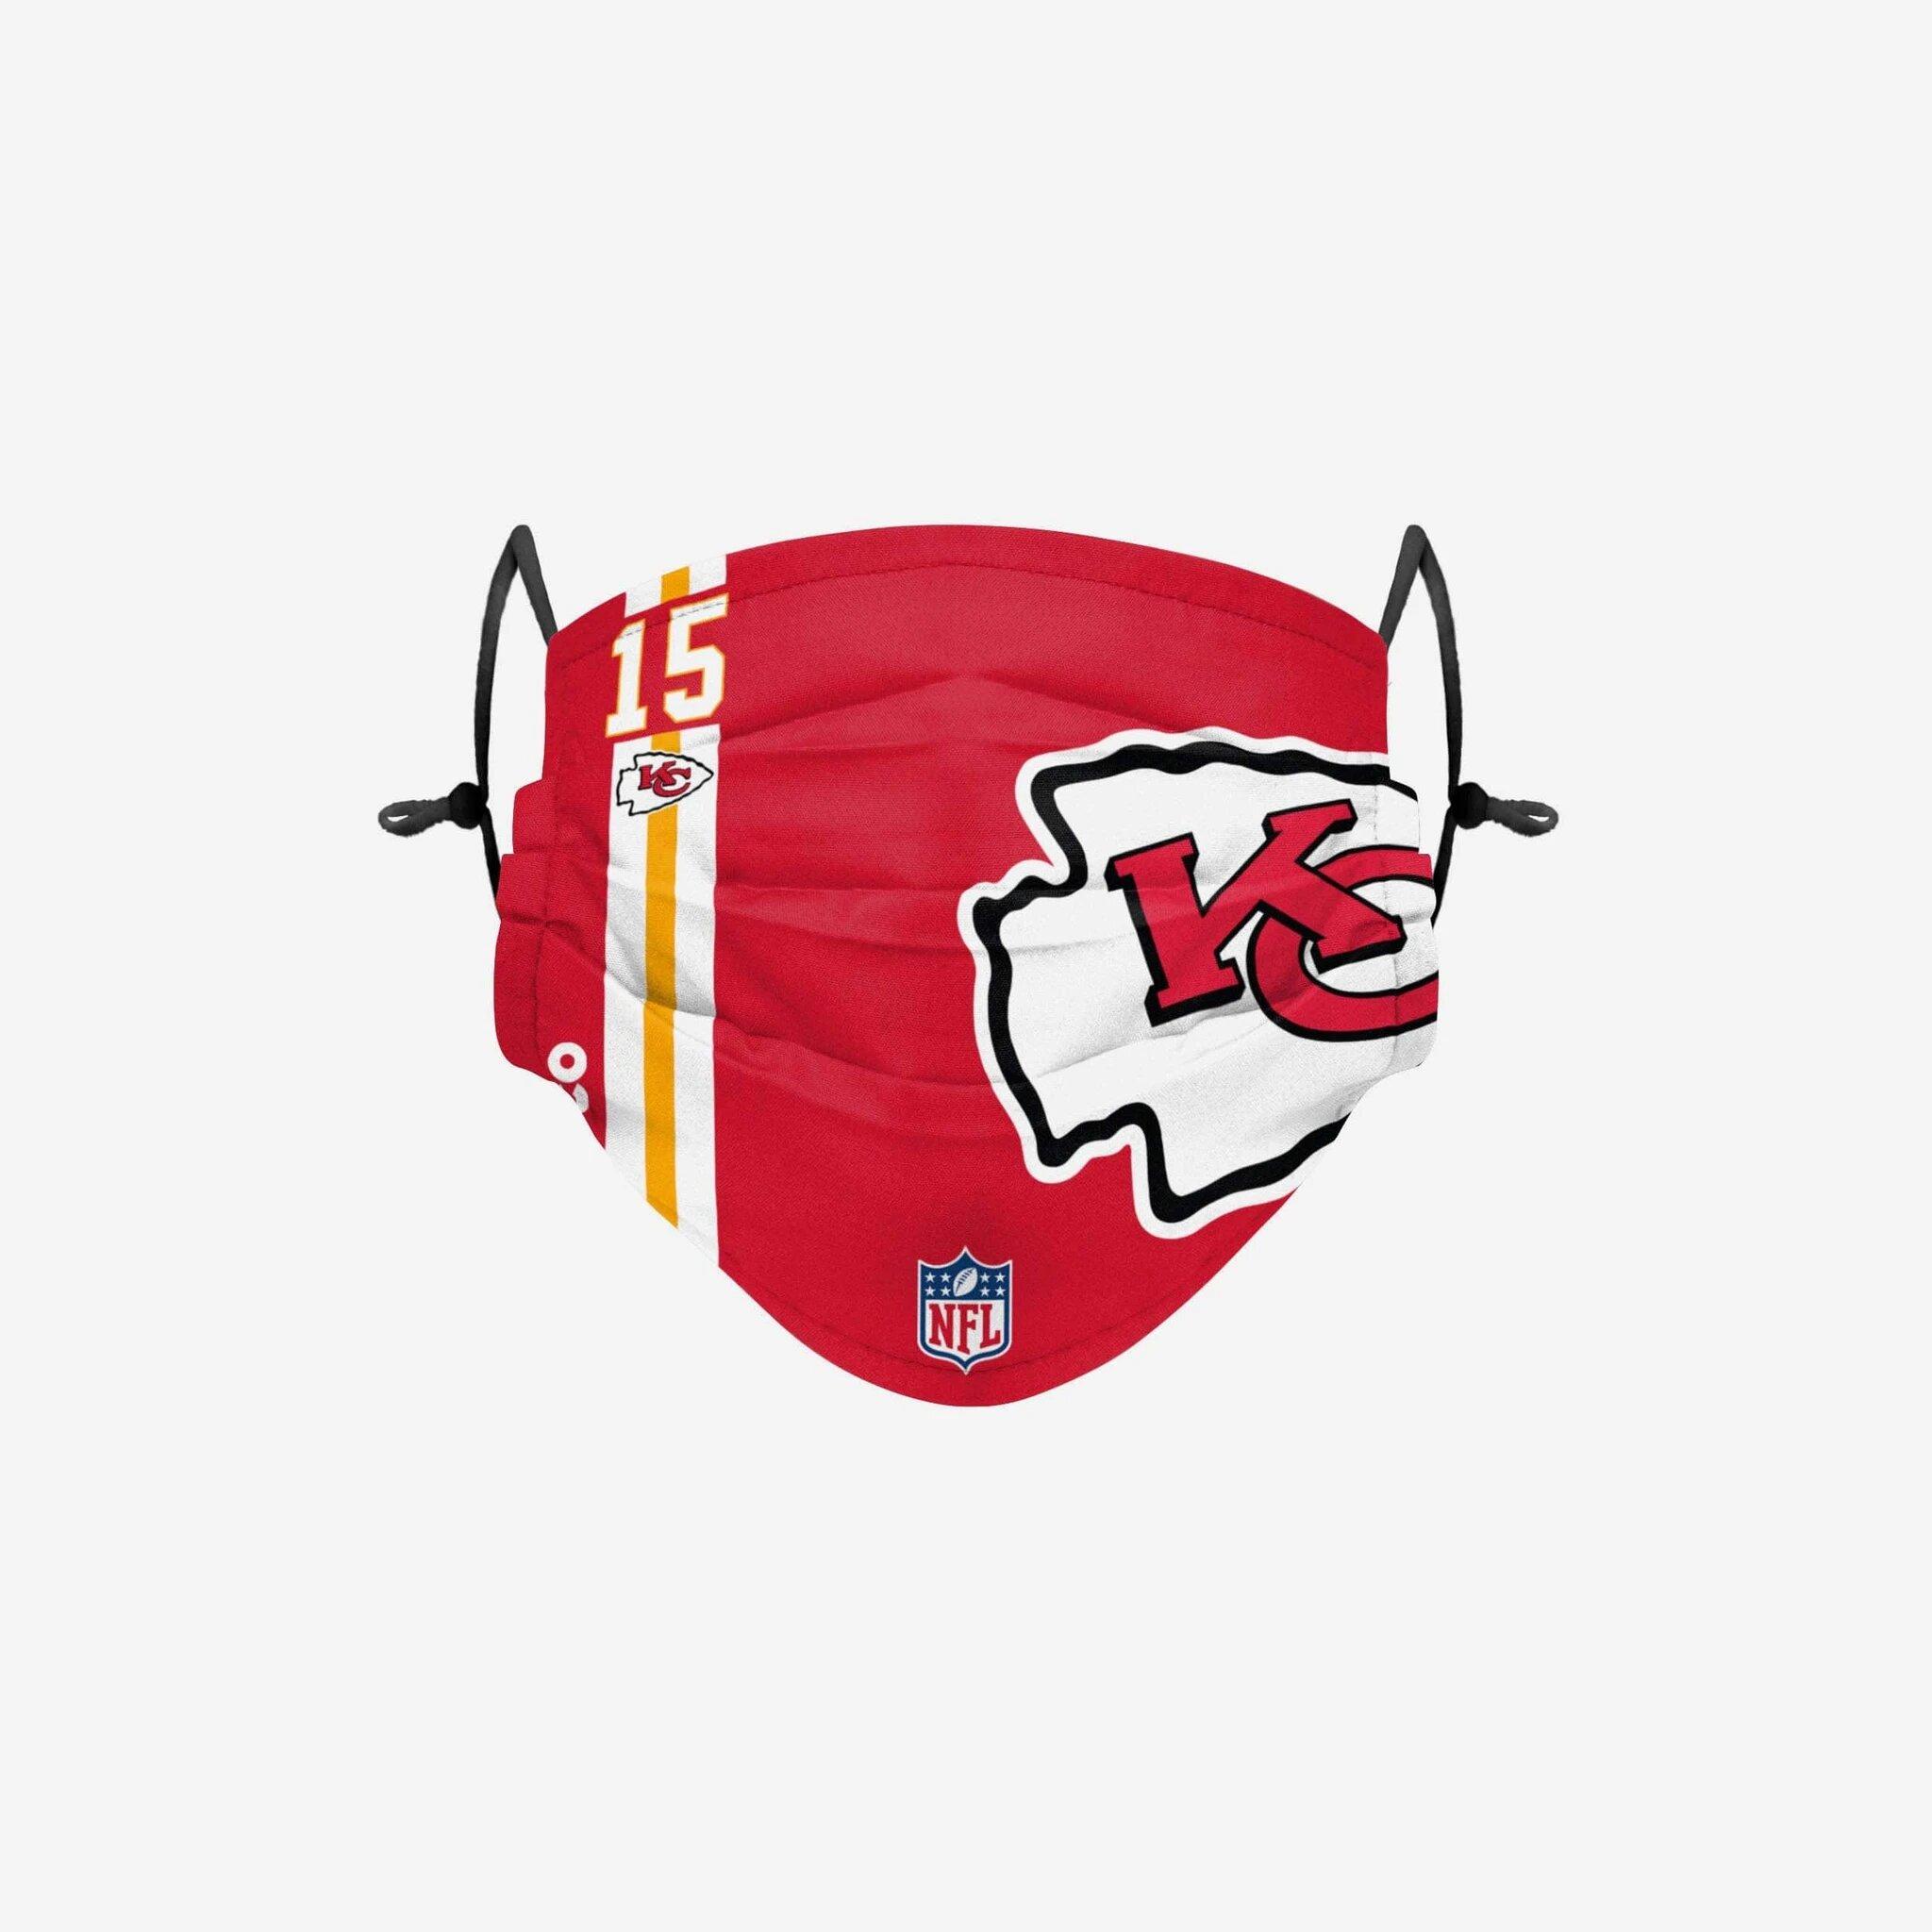 NFL -  PATRICK MAHOMES II - FACE MASK 15 -  KANSAS CITY CHIEFS